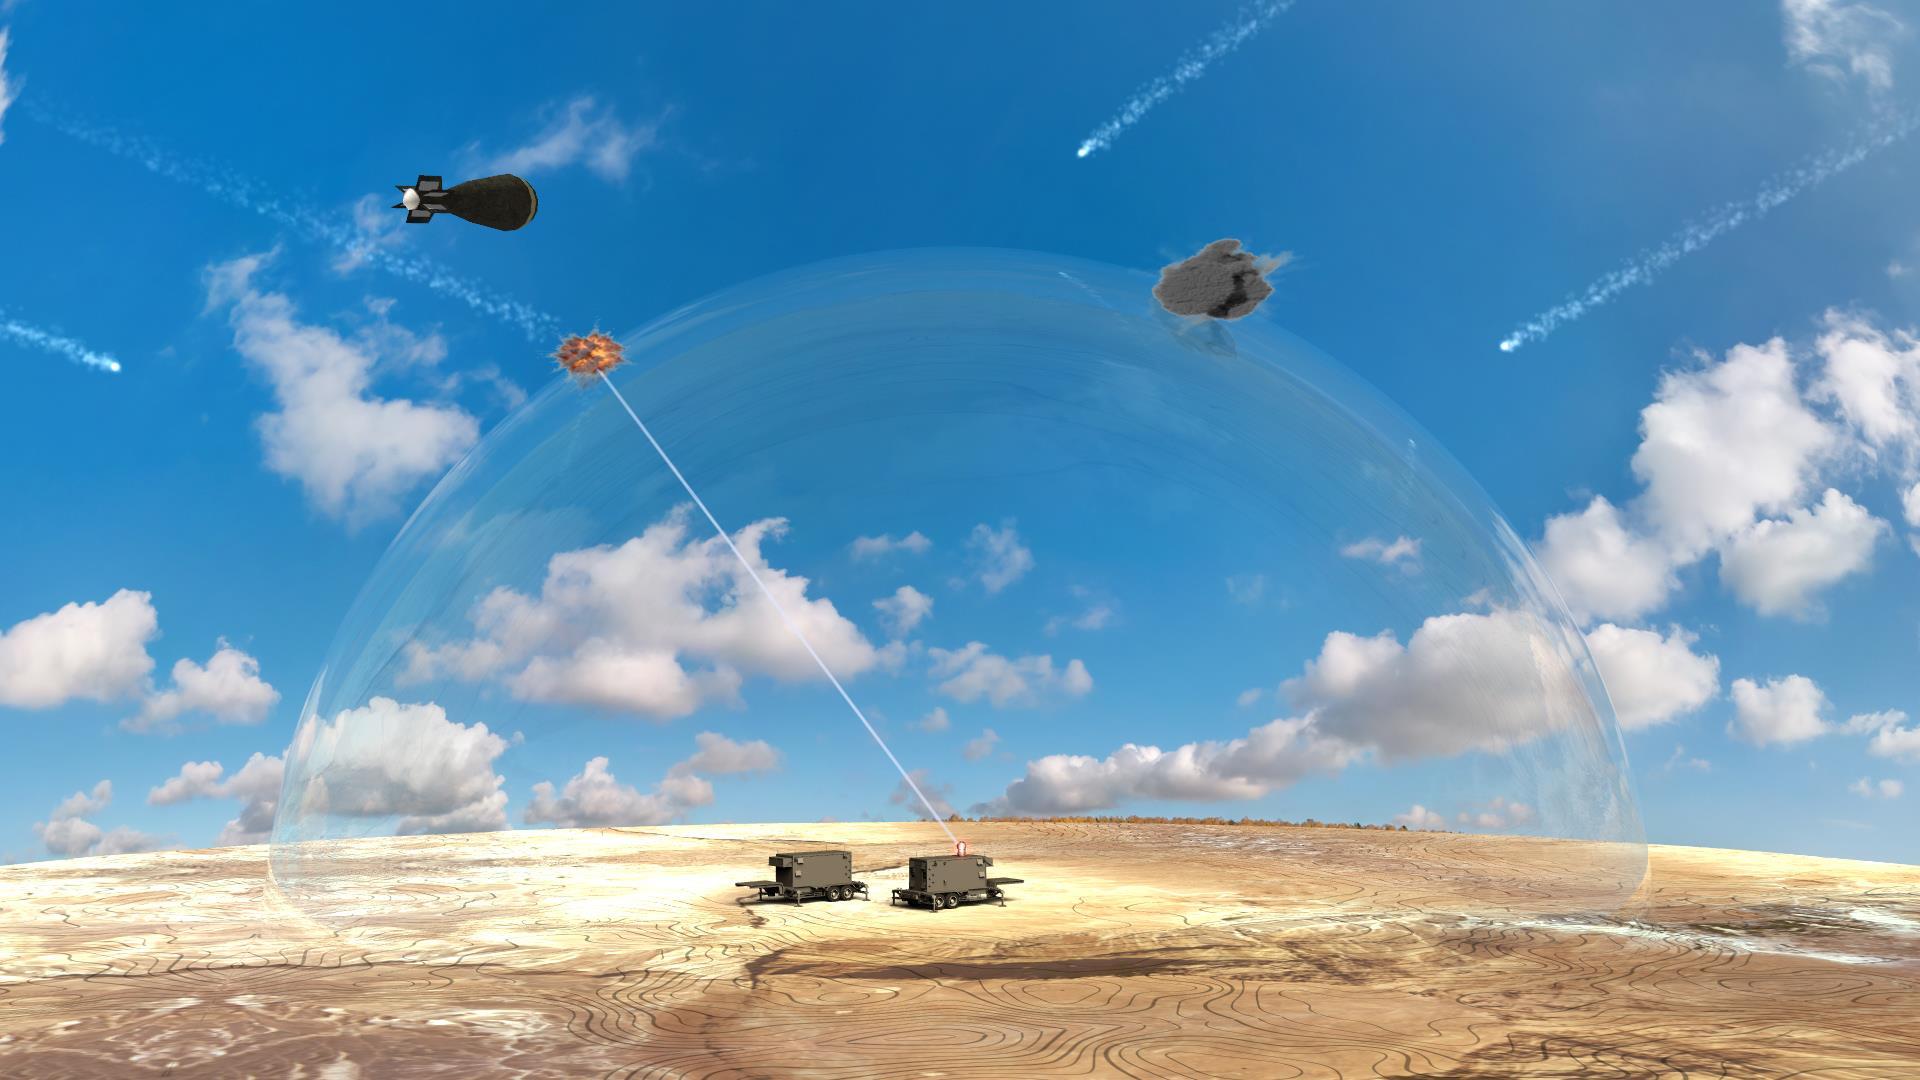 Израил агаарын аюул заналыг эсэргүүцэх систем хөгжүүлжээ